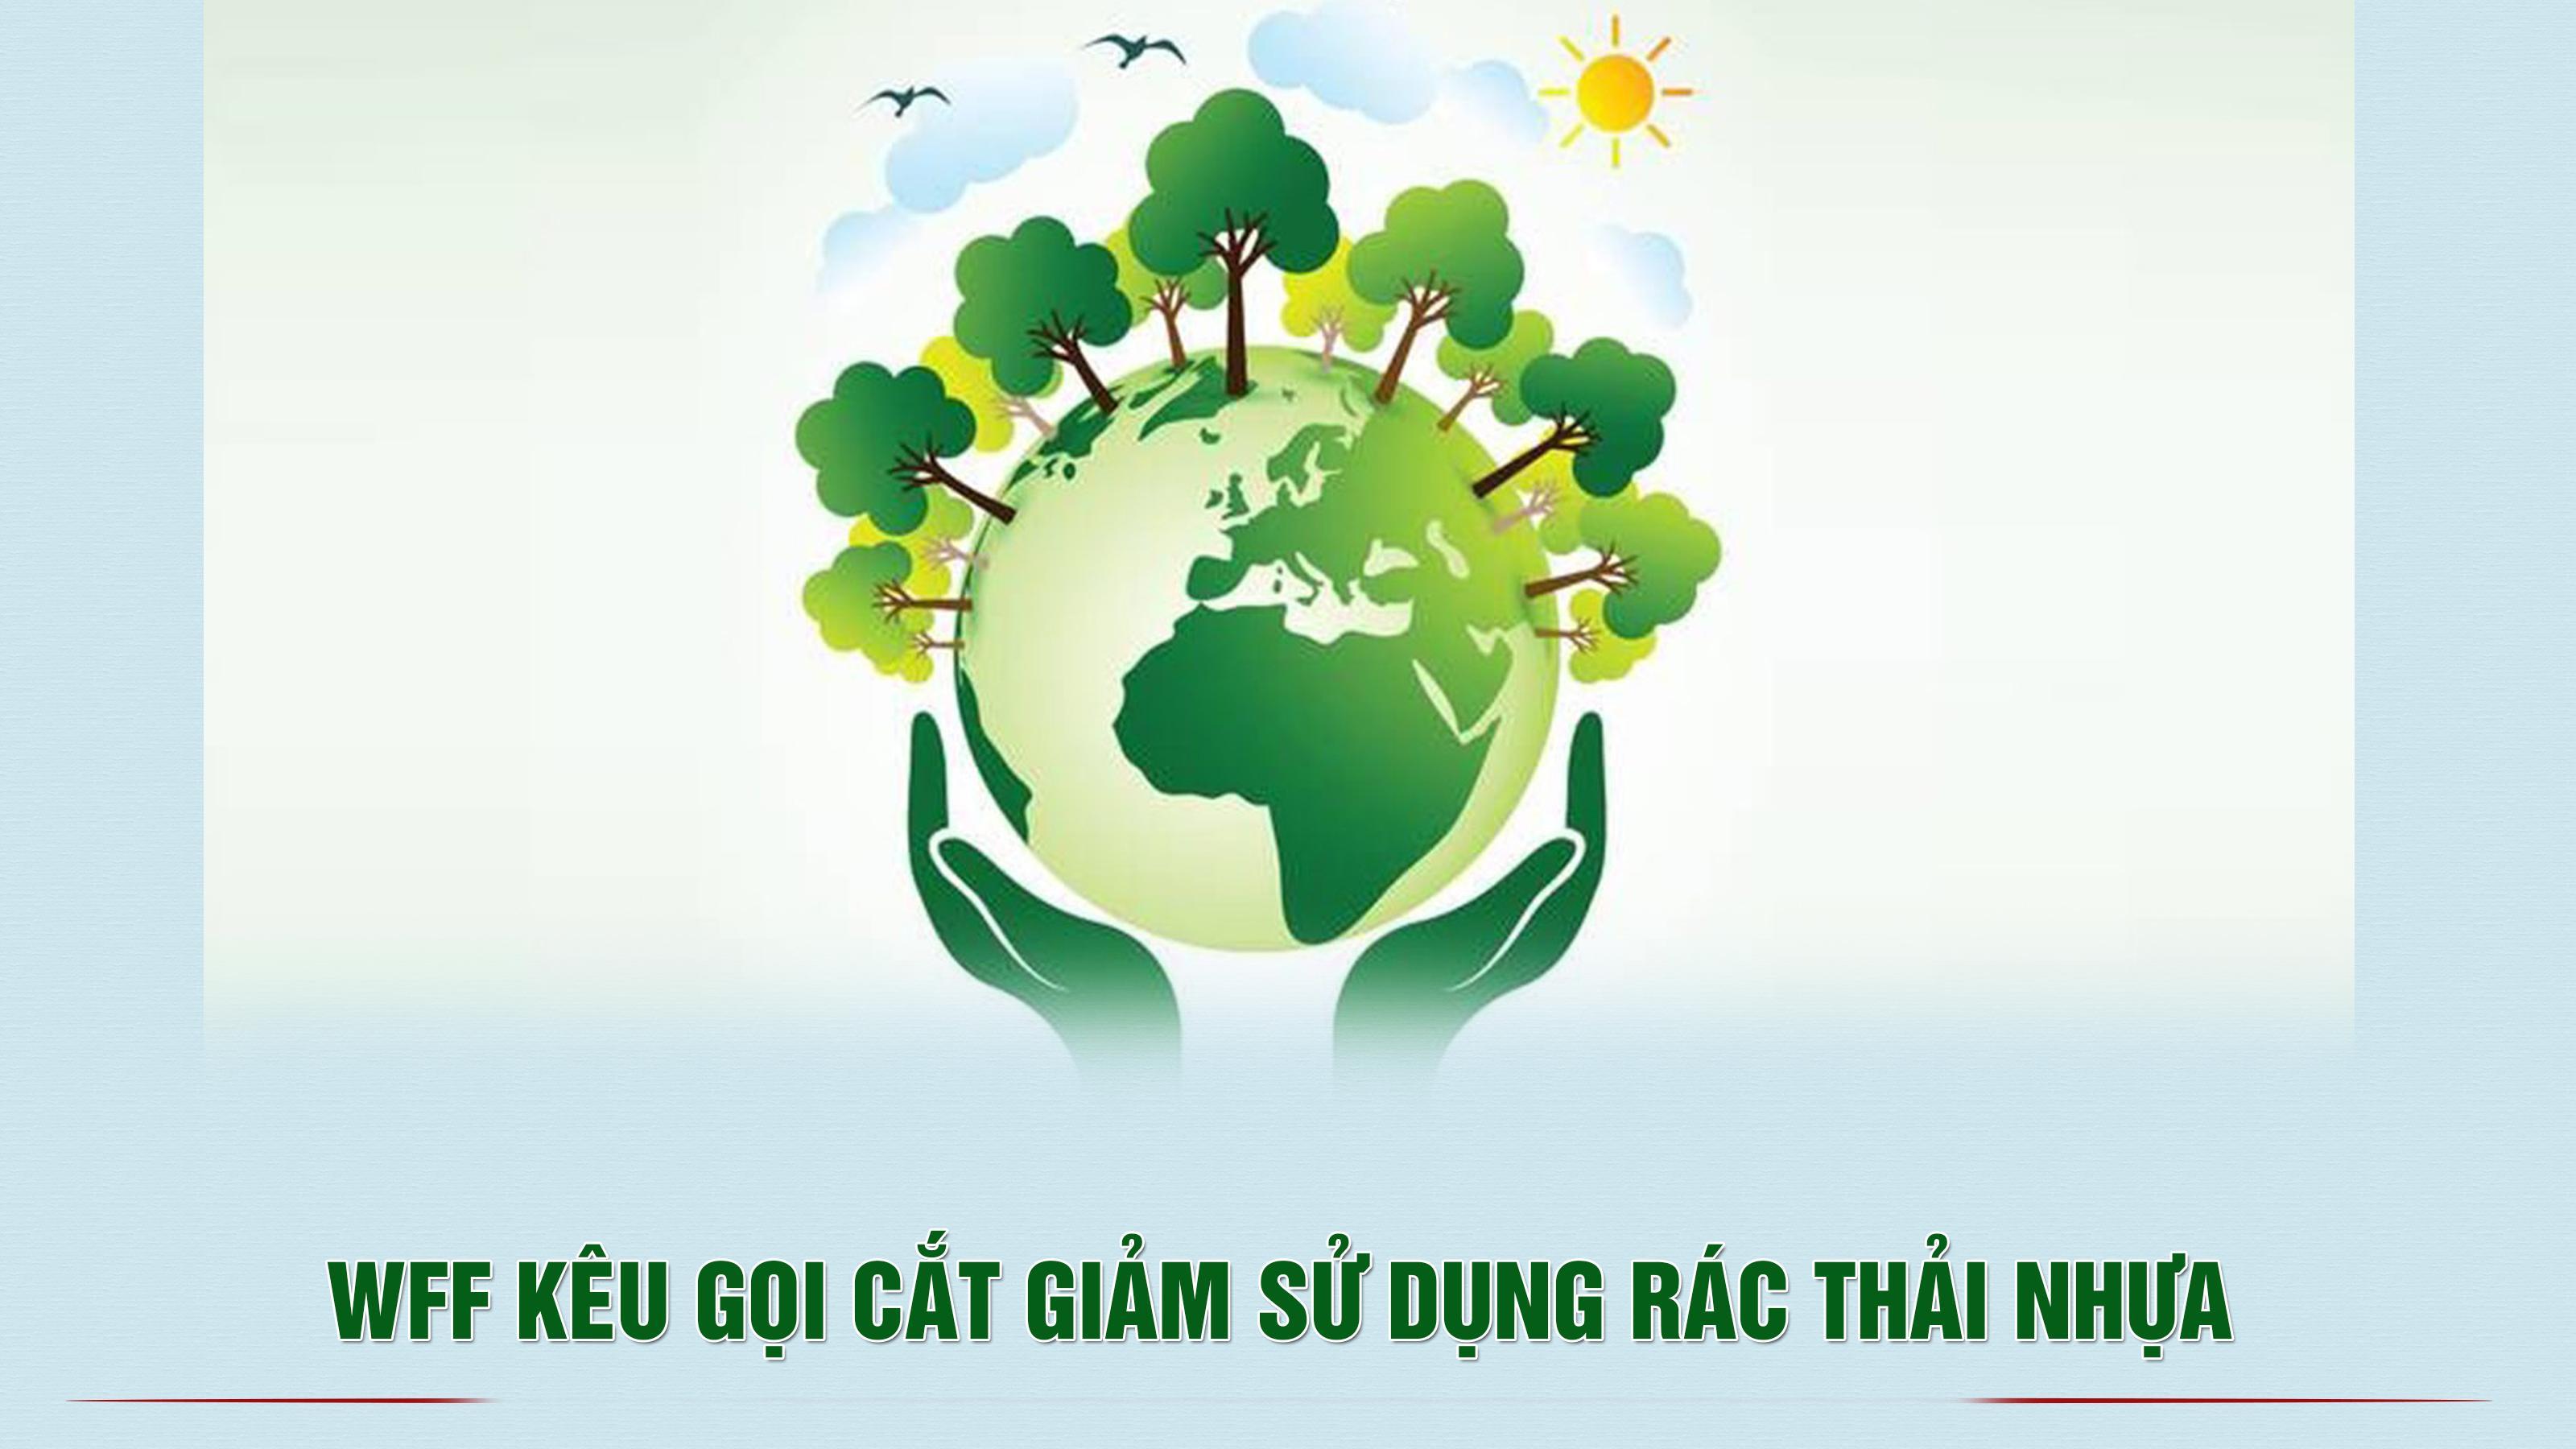 WFF kêu gọi cắt giảm sử dụng rác thải nhựa